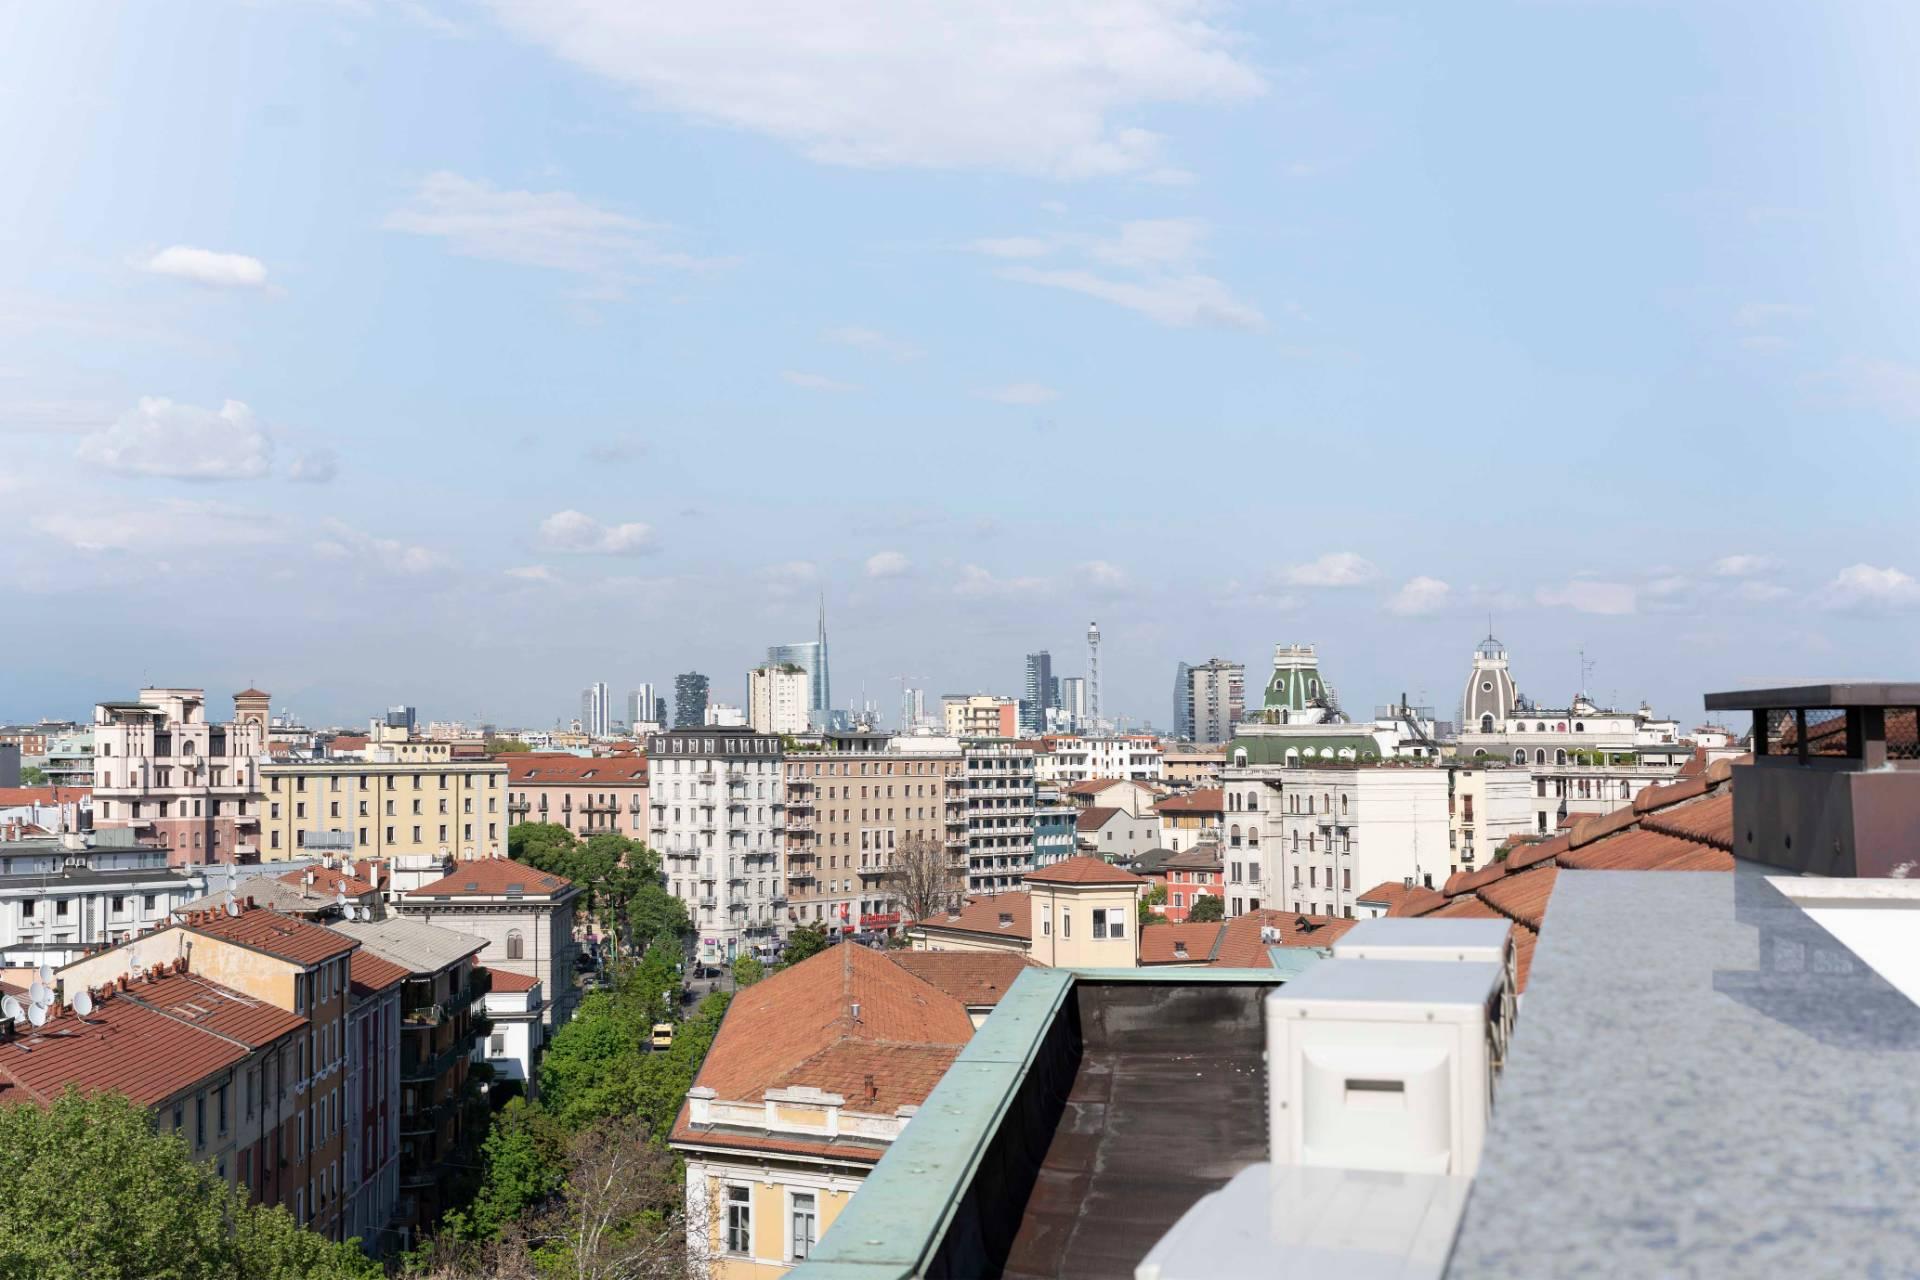 Attico in Vendita a Milano: 5 locali, 265 mq